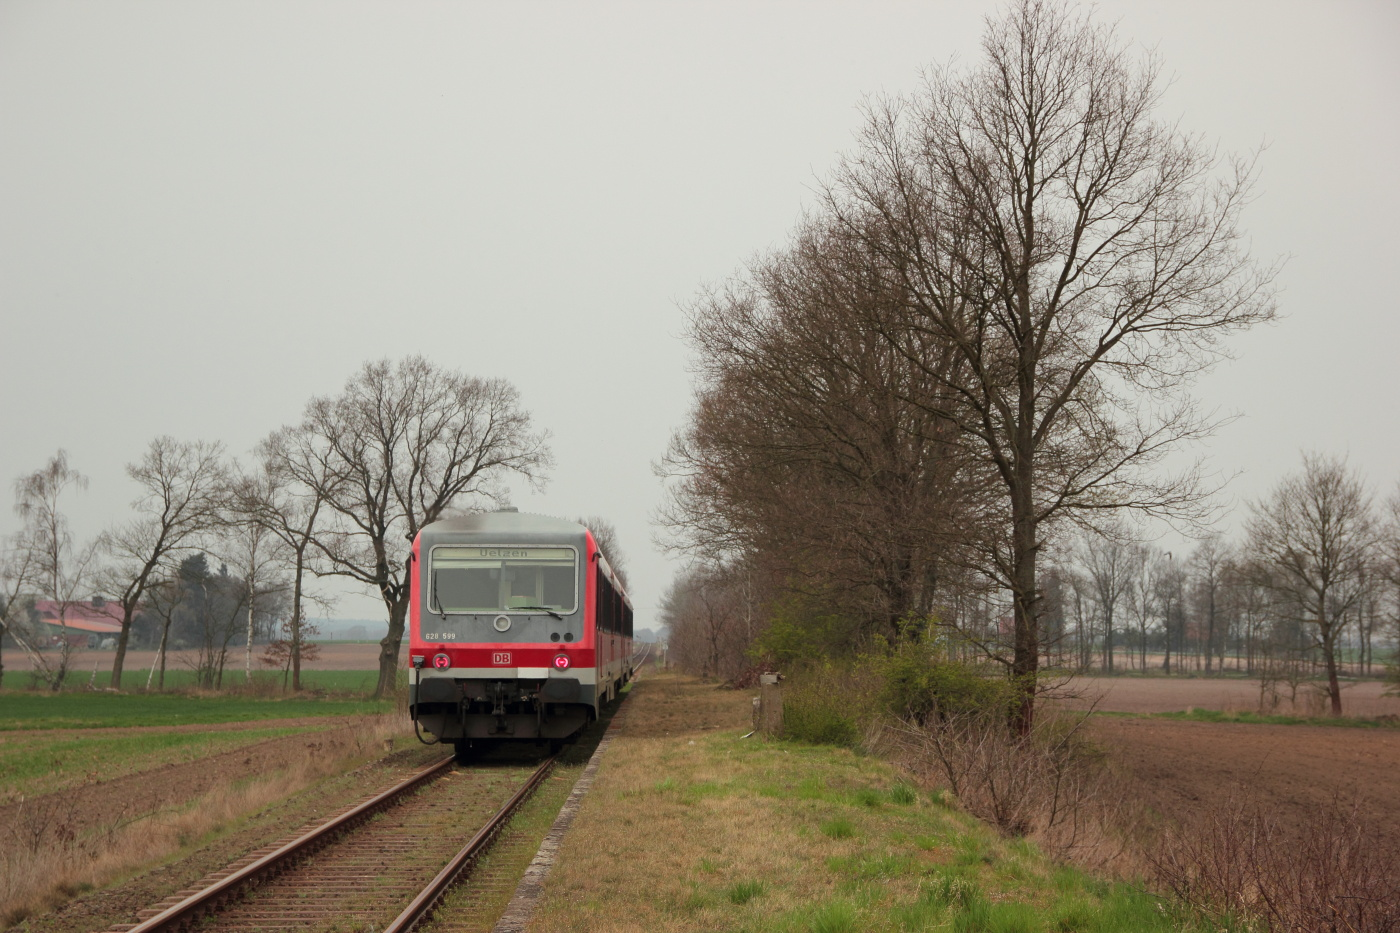 http://www.nachtbahner.de/Fotos/2014-04-05%20M%c3%bchlenbahn/k-IMG_2650%20KBS%20115%20M%c3%bchlenbahn%2005.04.14%20(12).JPG